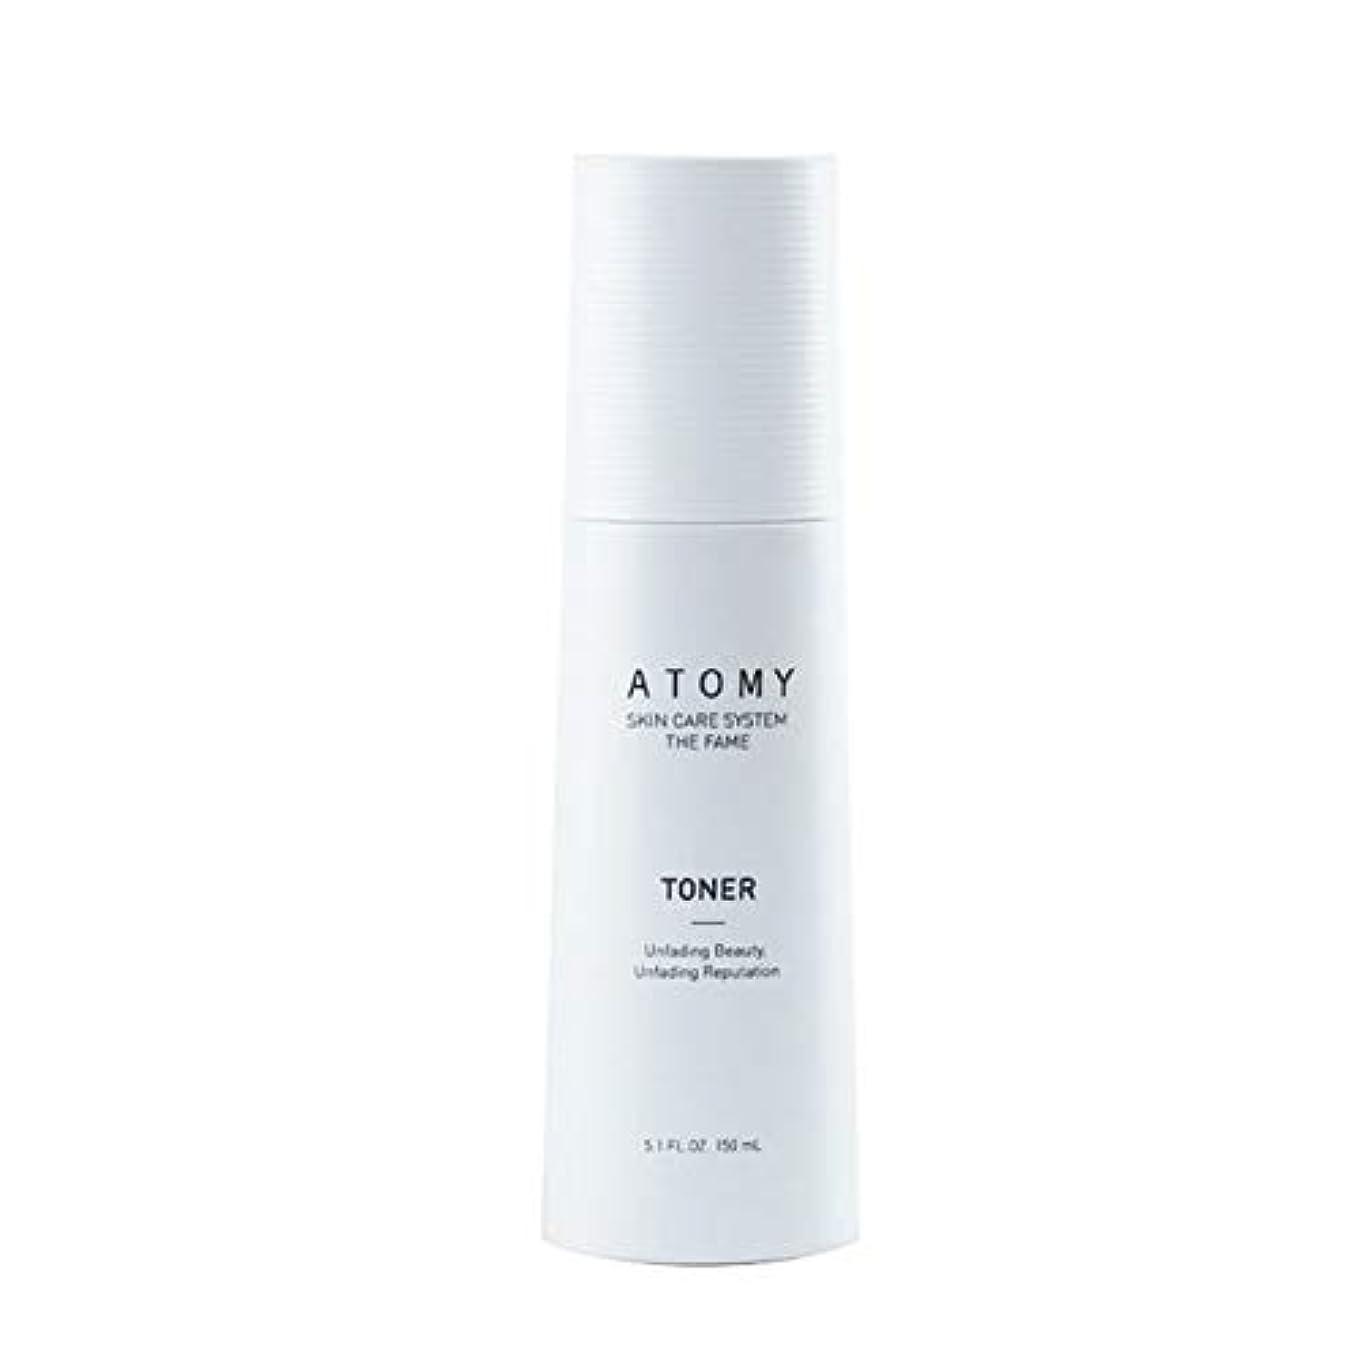 該当するバンきつくアトミザ?フェームトナー150ml韓国コスメ、Atomy The Fame Toner 150ml Korean Cosmetics [並行輸入品]